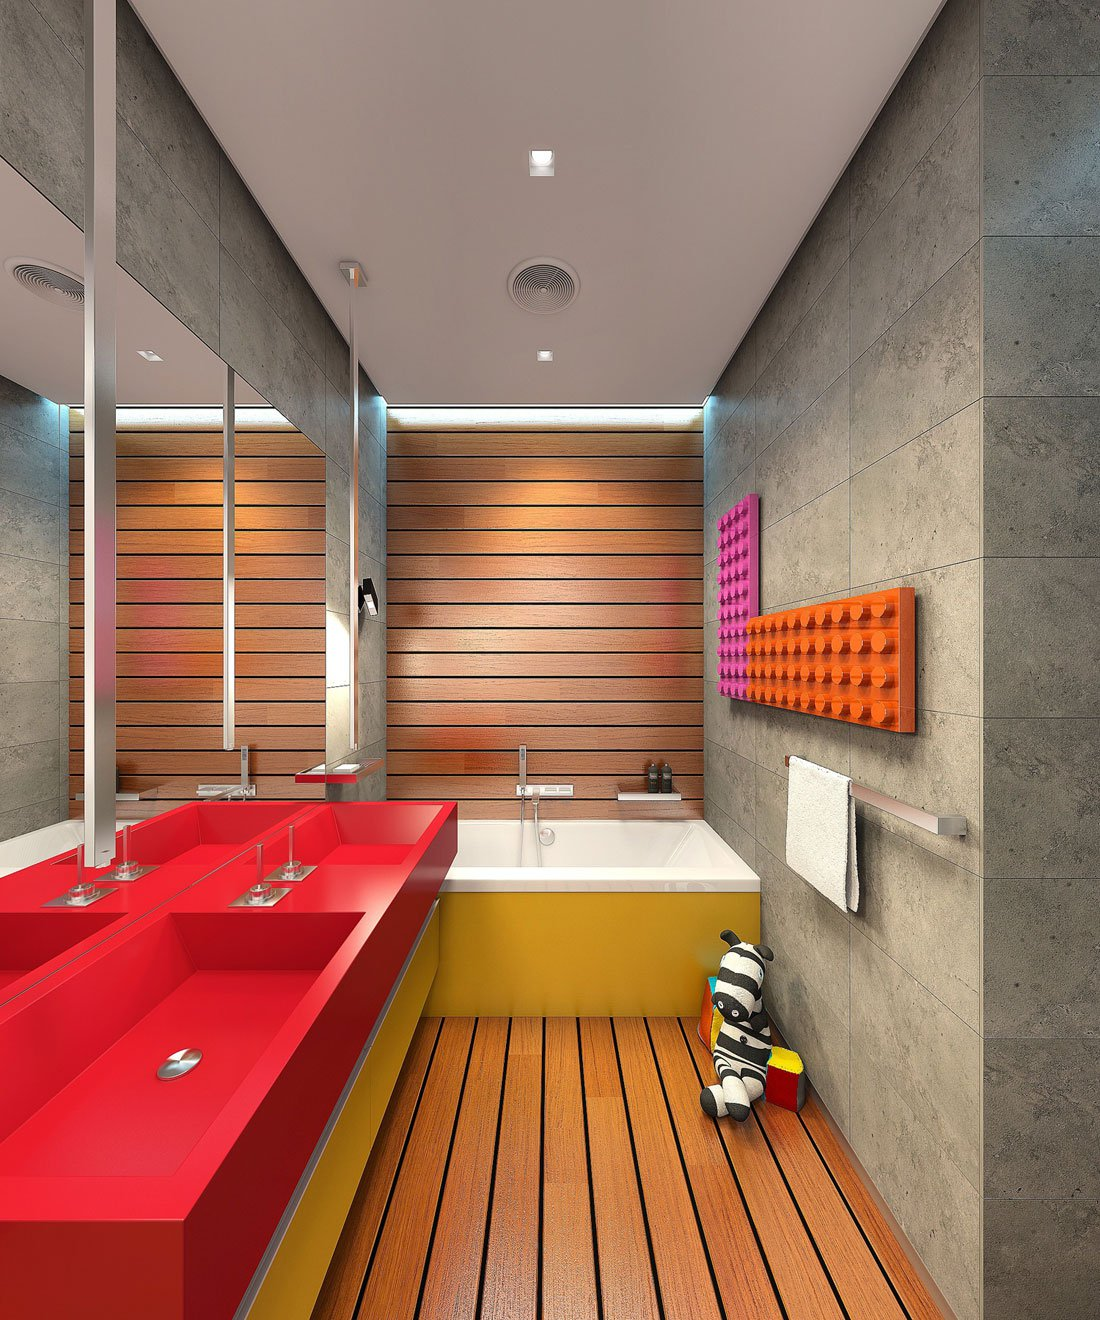 Hice Del Baño Color Amarillo:Diseño Del Moderno Cuarto De Baño El Lavabo Es Completamente